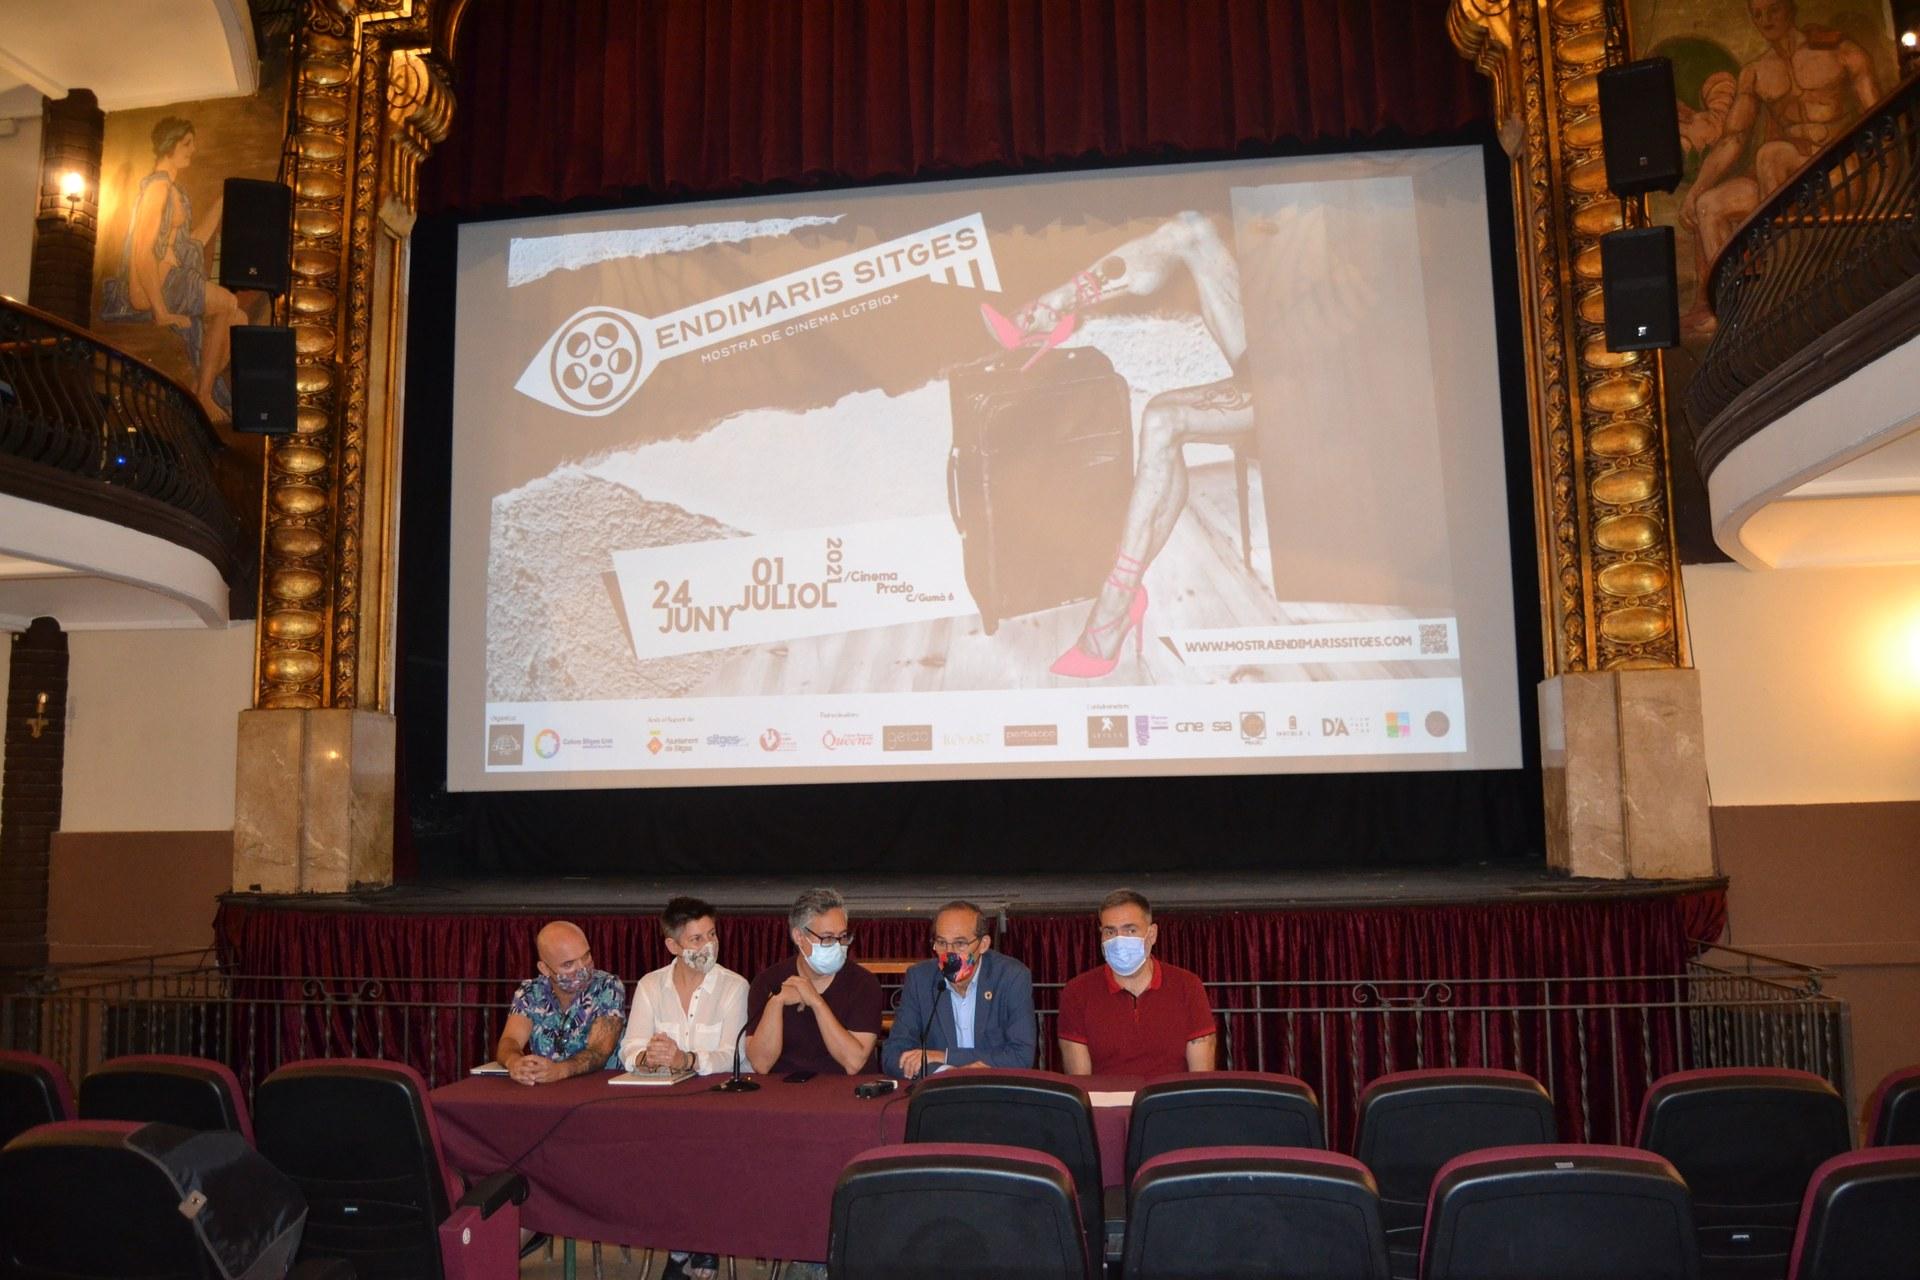 Sitges presenta Endimaris, un nou esdeveniment cinematogràfic LGTBIQ+